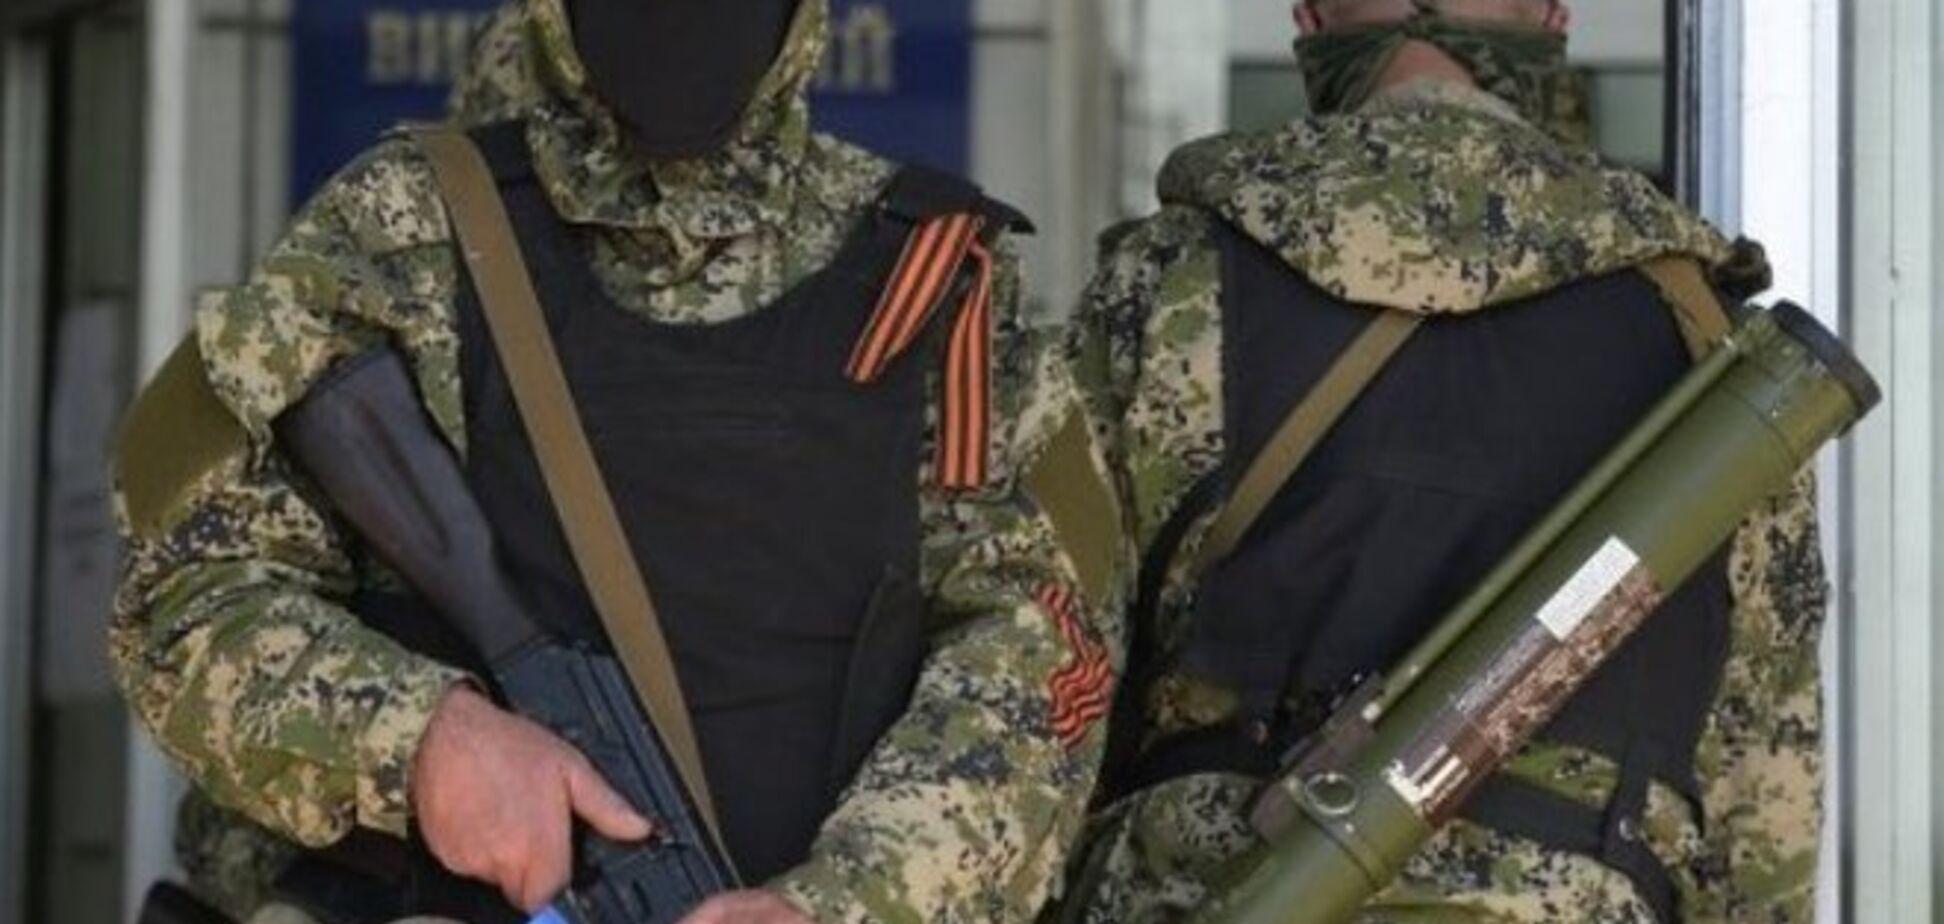 Стало известно, почему 'Киевстар' срочно отключил связь на оккупированном Донбассе: документ